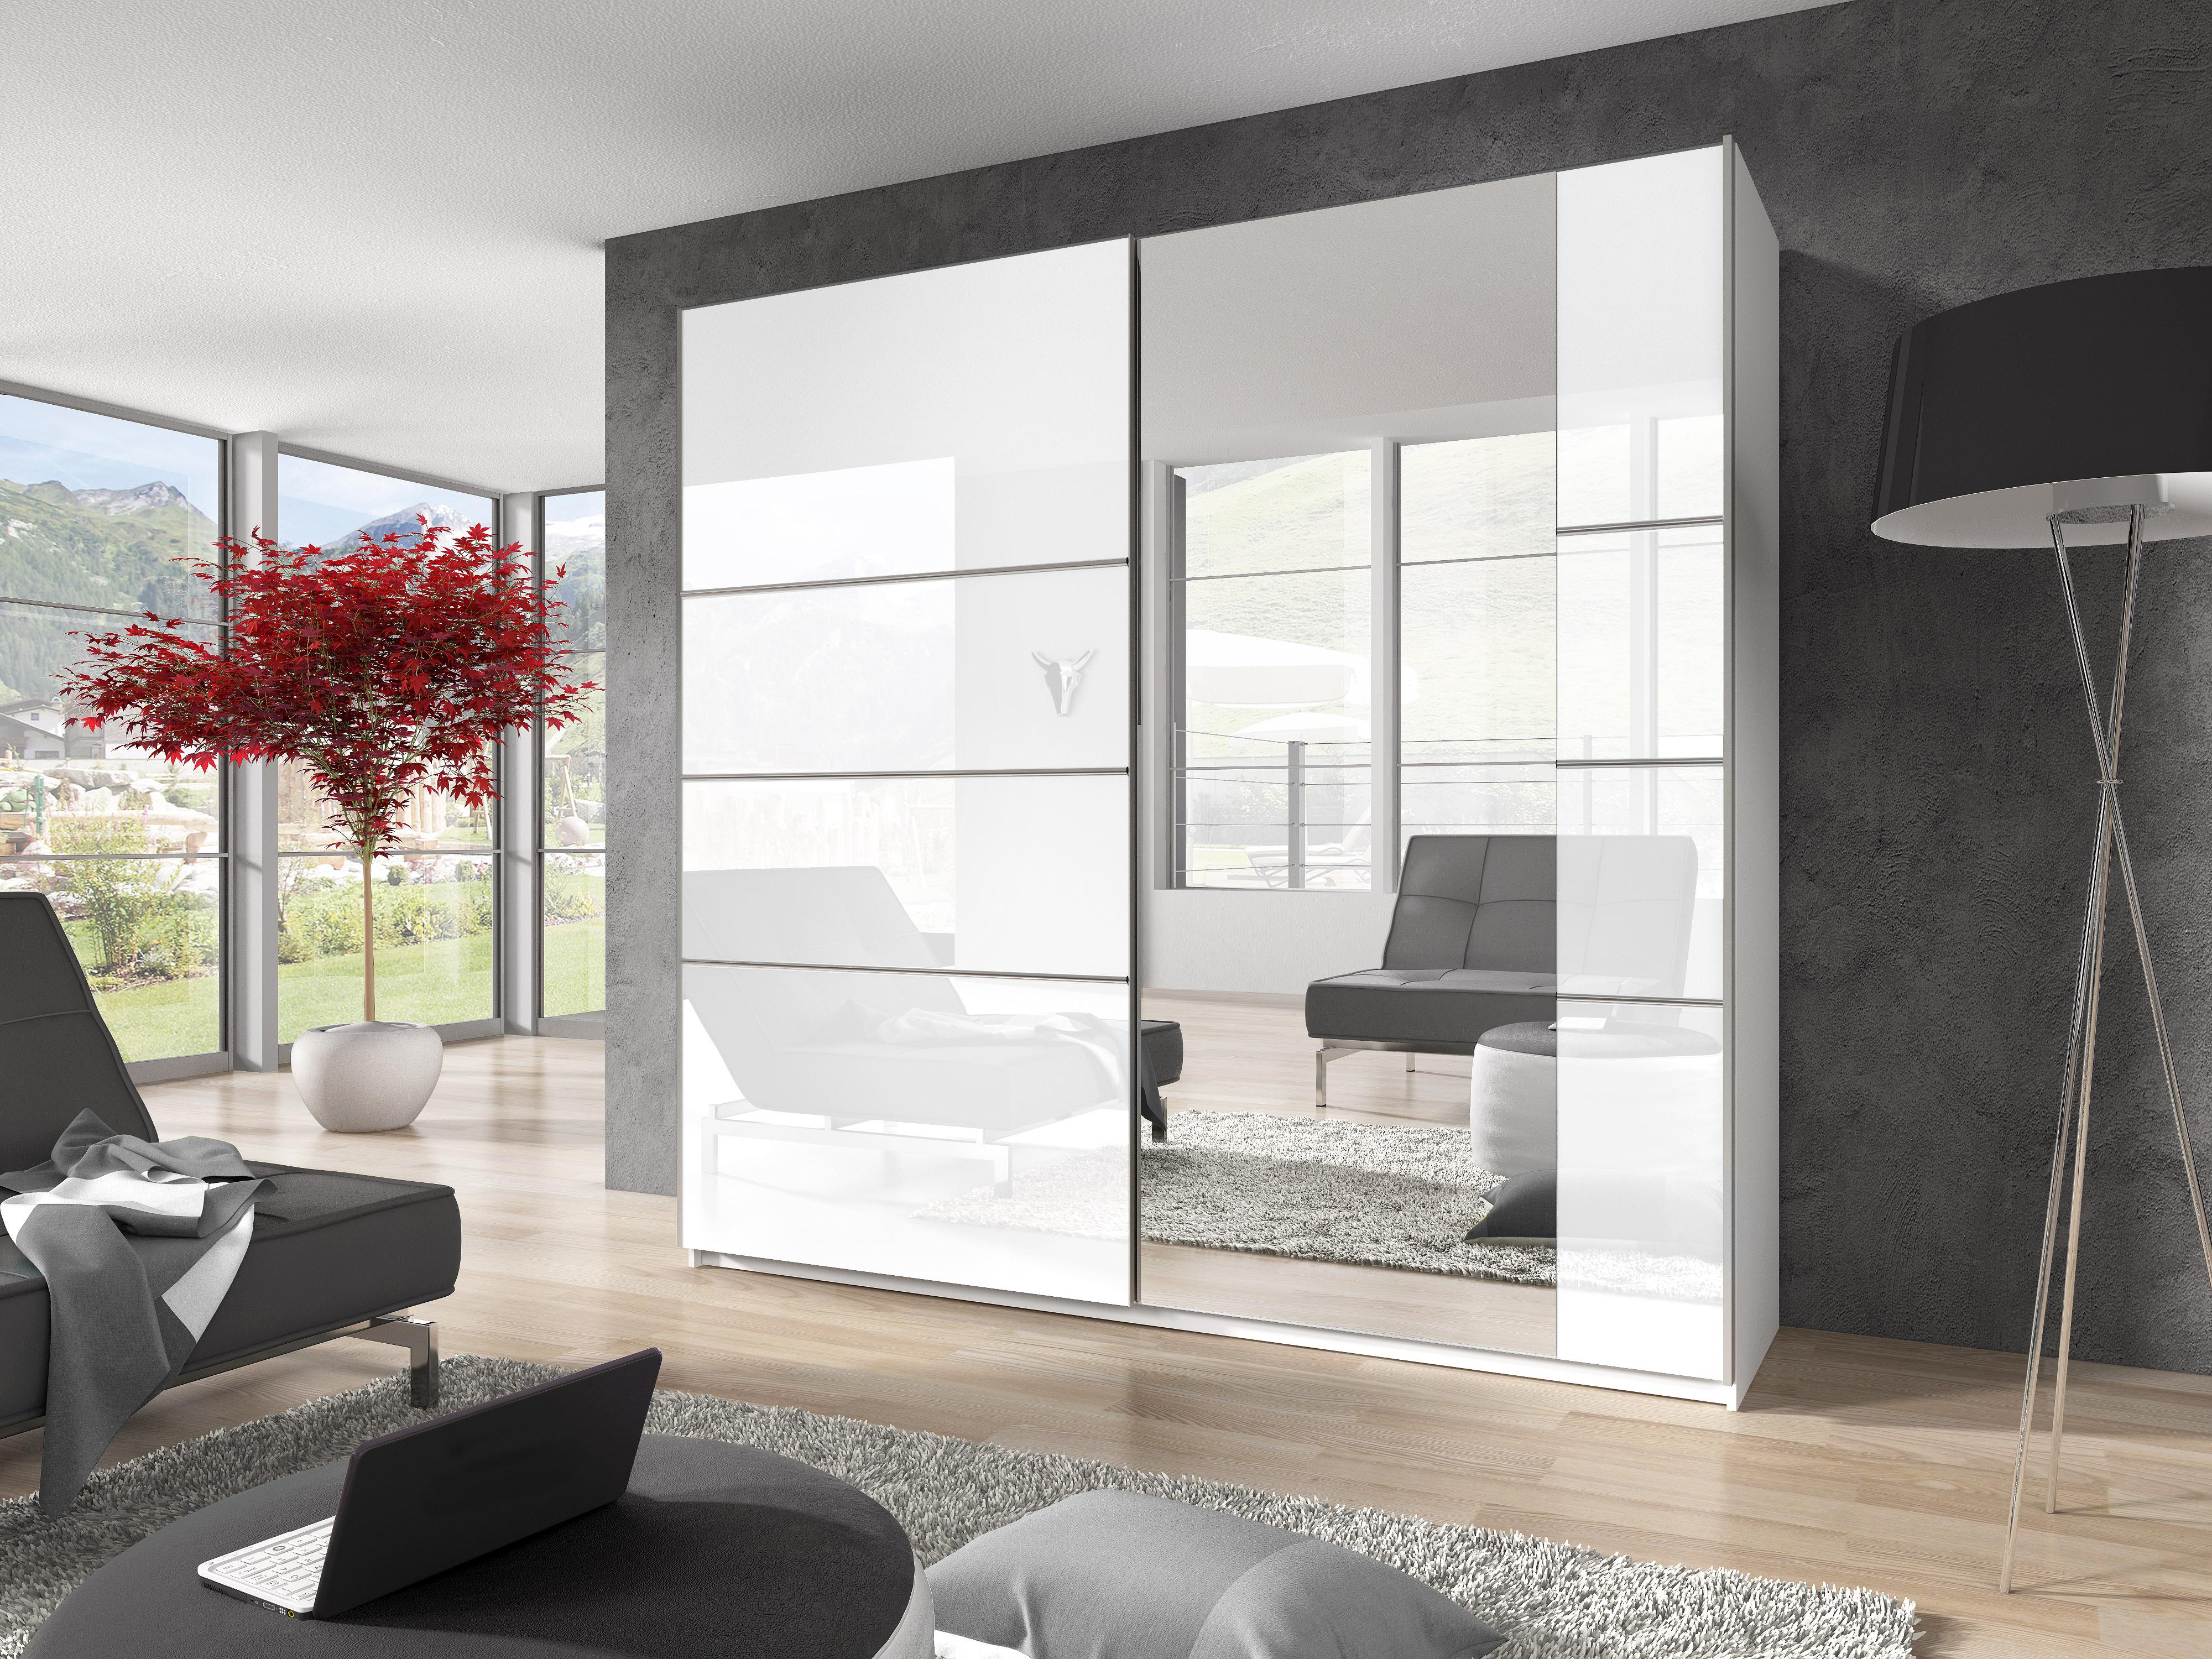 Šatní skříň - Benson - Typ 58 (bílá + lesk bílý + zrcadlo)